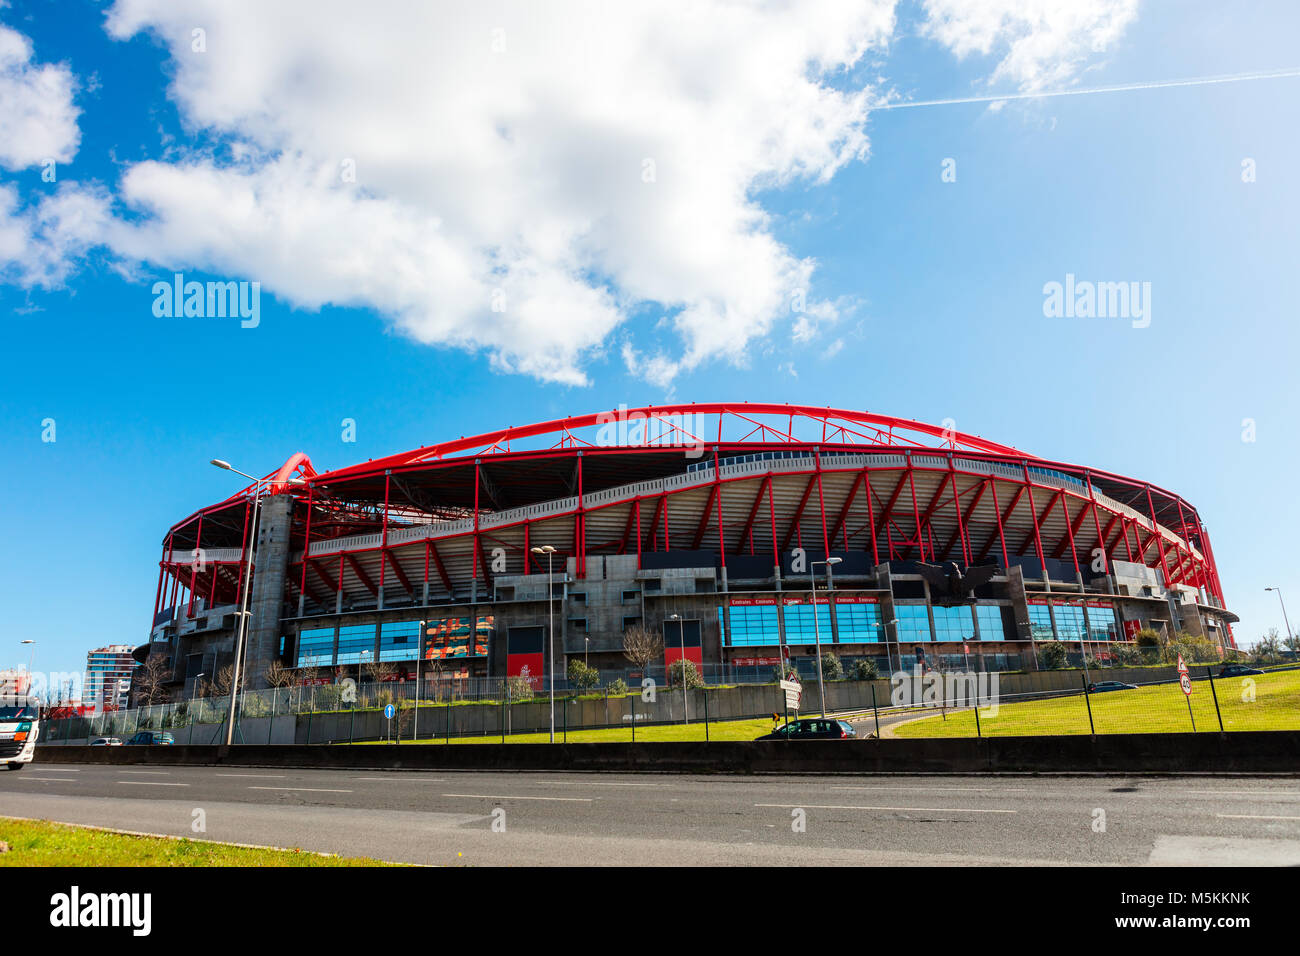 Sport Lisboa e Benfica, a Premier League Portuguese sports club based in Estdio da Luz in Lisbon, Portugal. - Stock Image